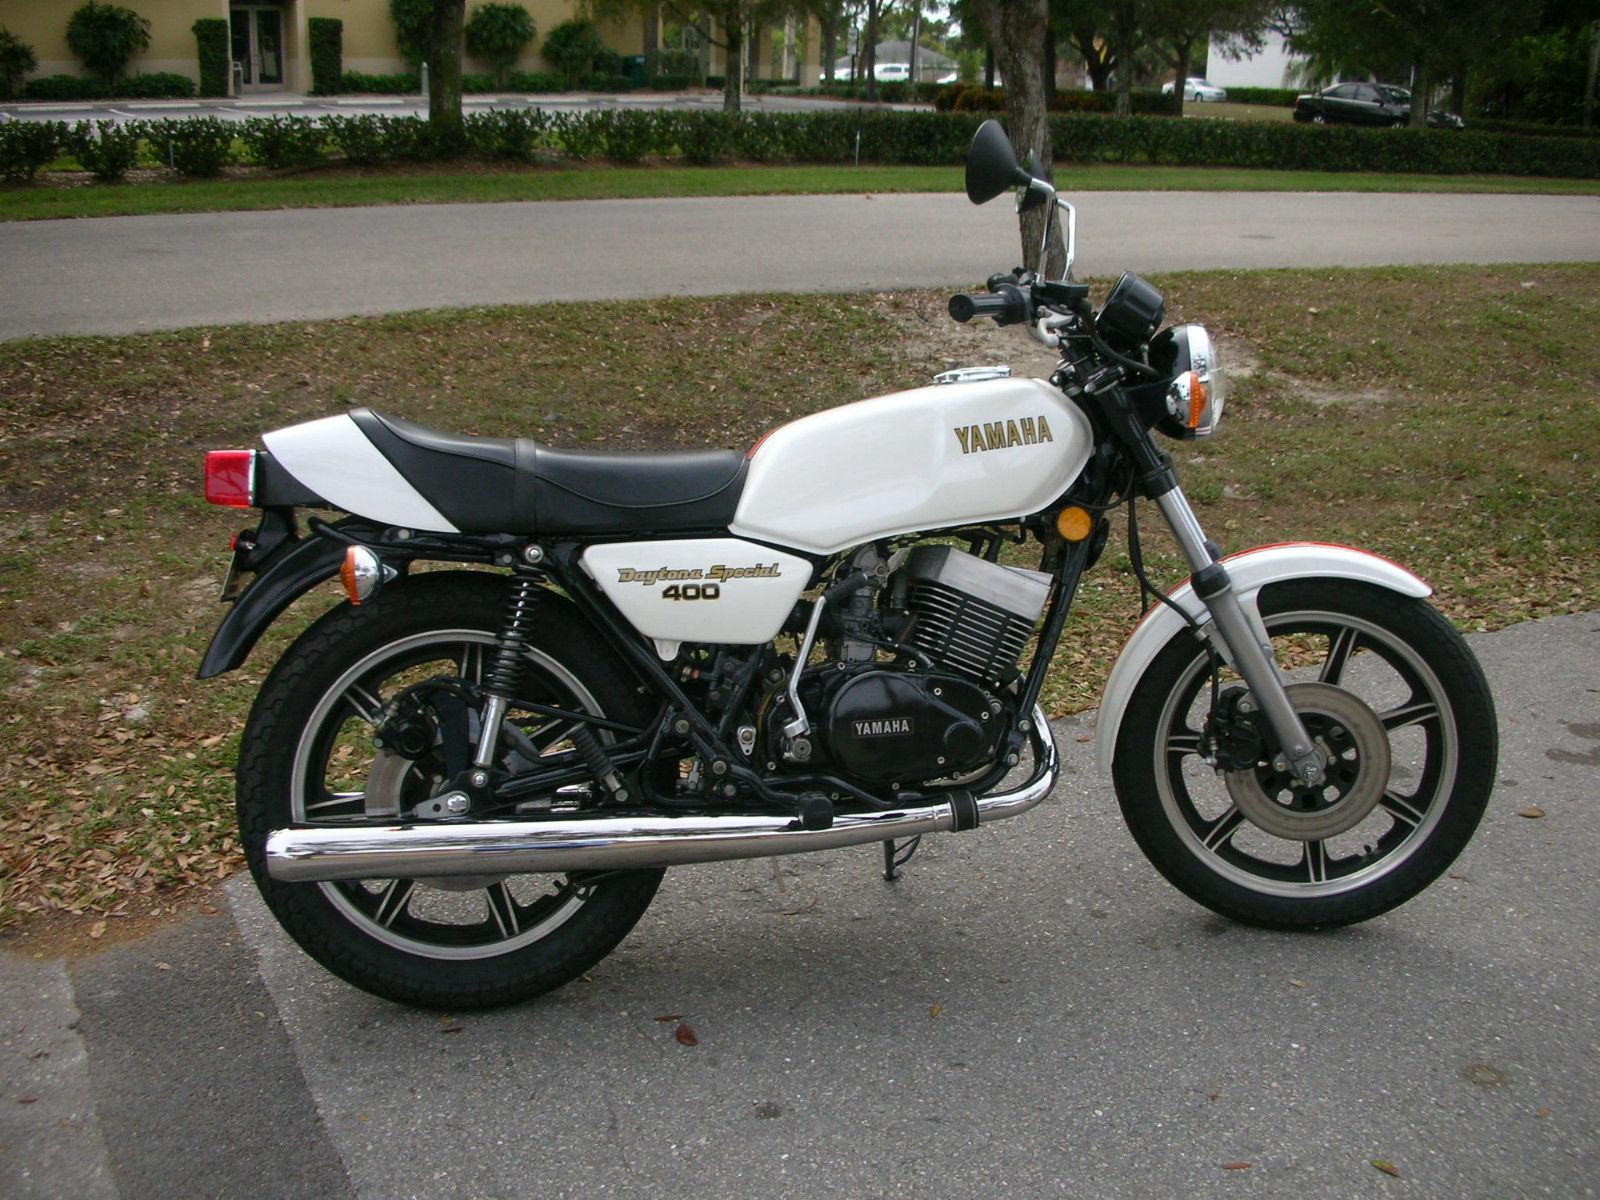 Restored Yamaha RD400 Daytona Special - 1977 Photographs at